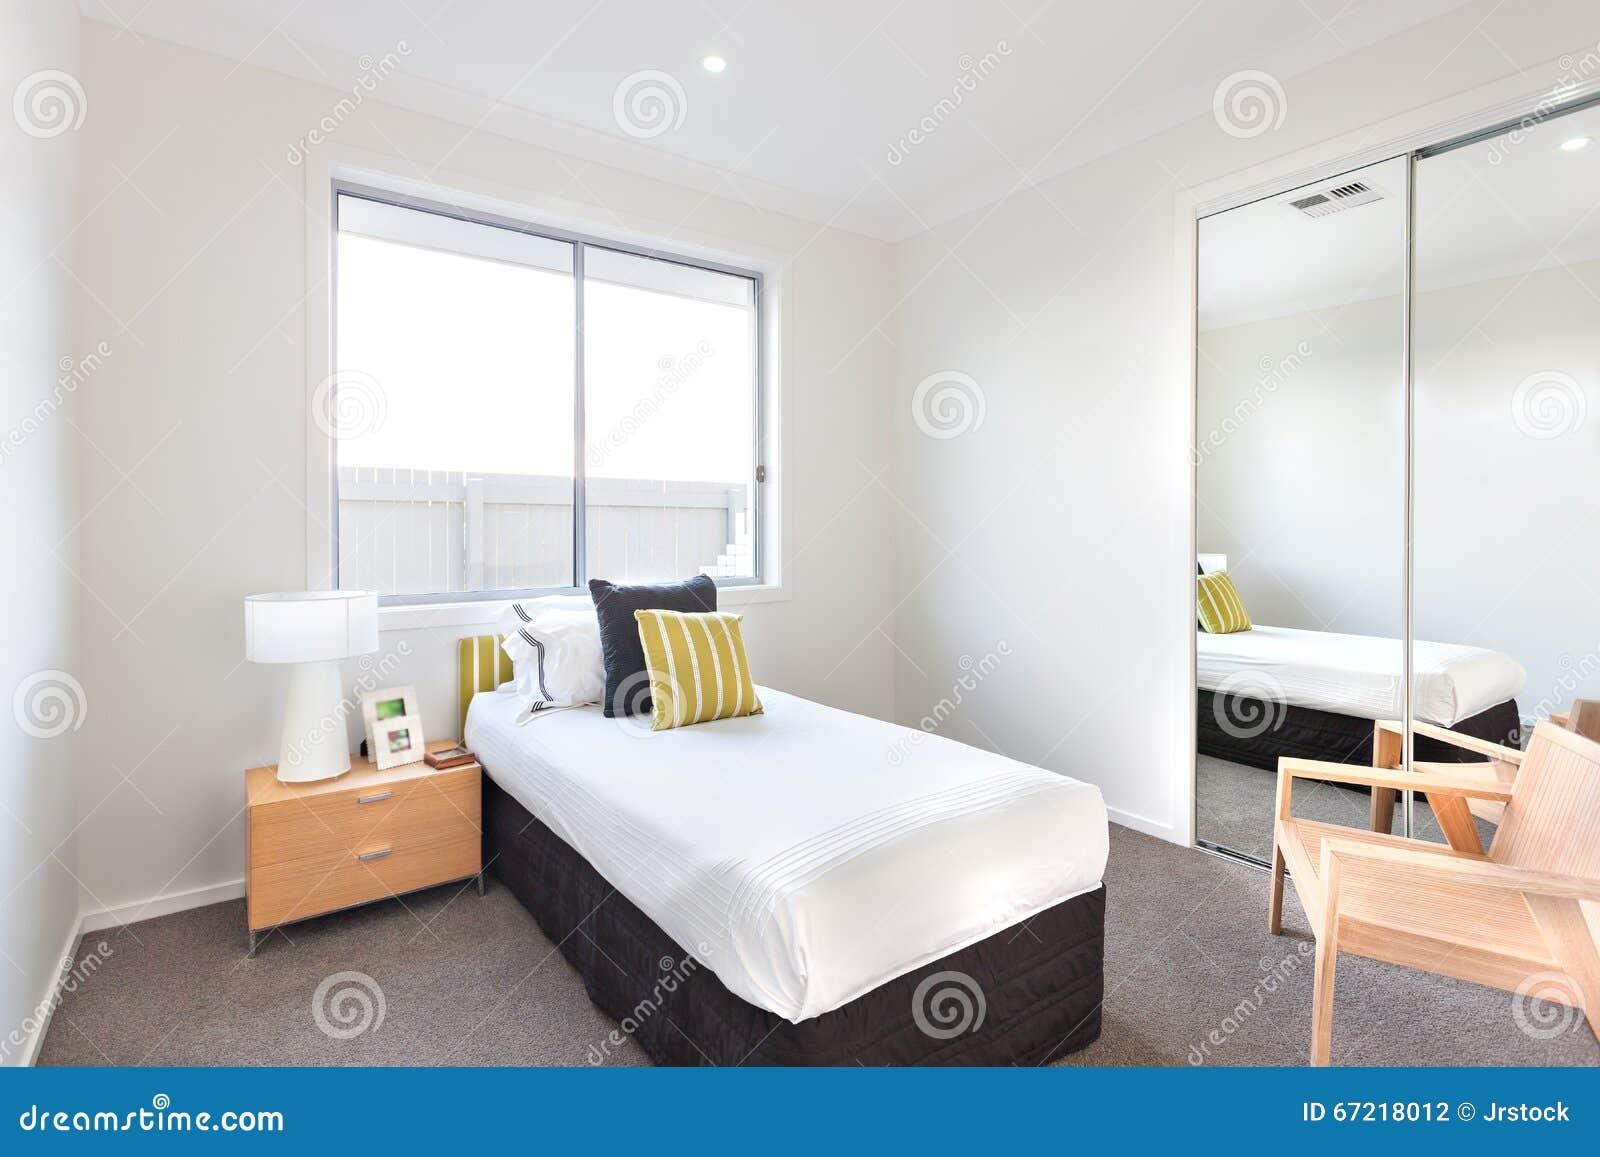 Download Modernes Schlafzimmer Mit Einem Einzelbett Und Weiße Blätter Nahe  Einem Spiegel Stockfoto   Bild Von